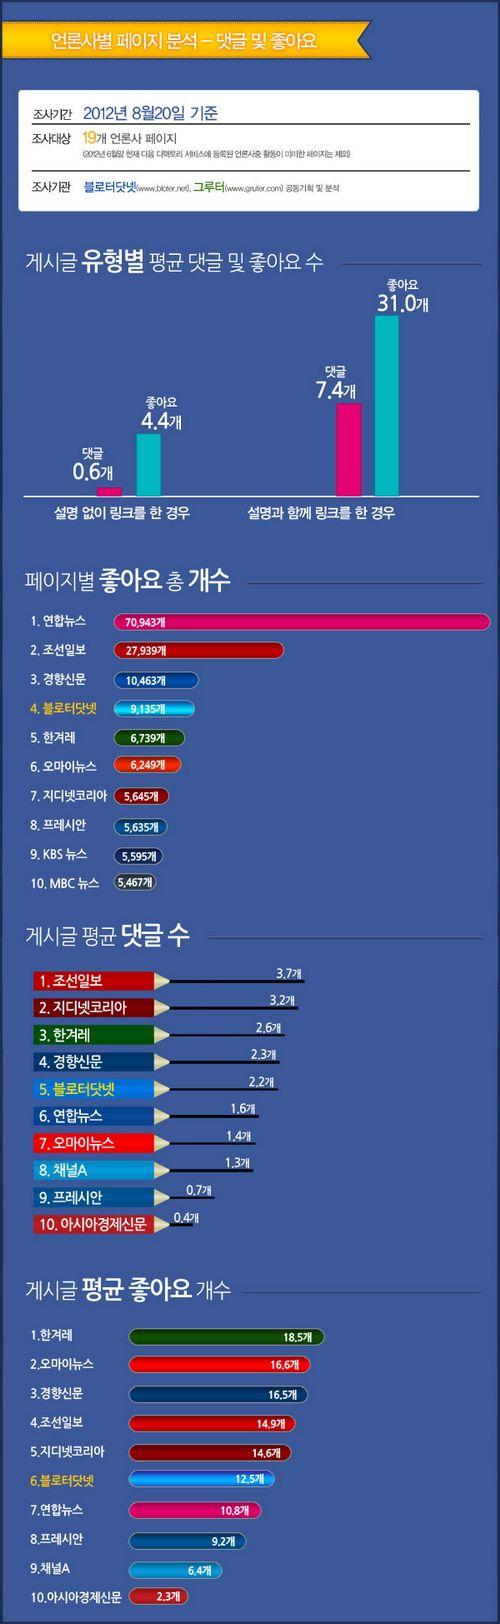 [인포그래픽] 한국 언론사 페이스북 활동 지수 | Bloter.net